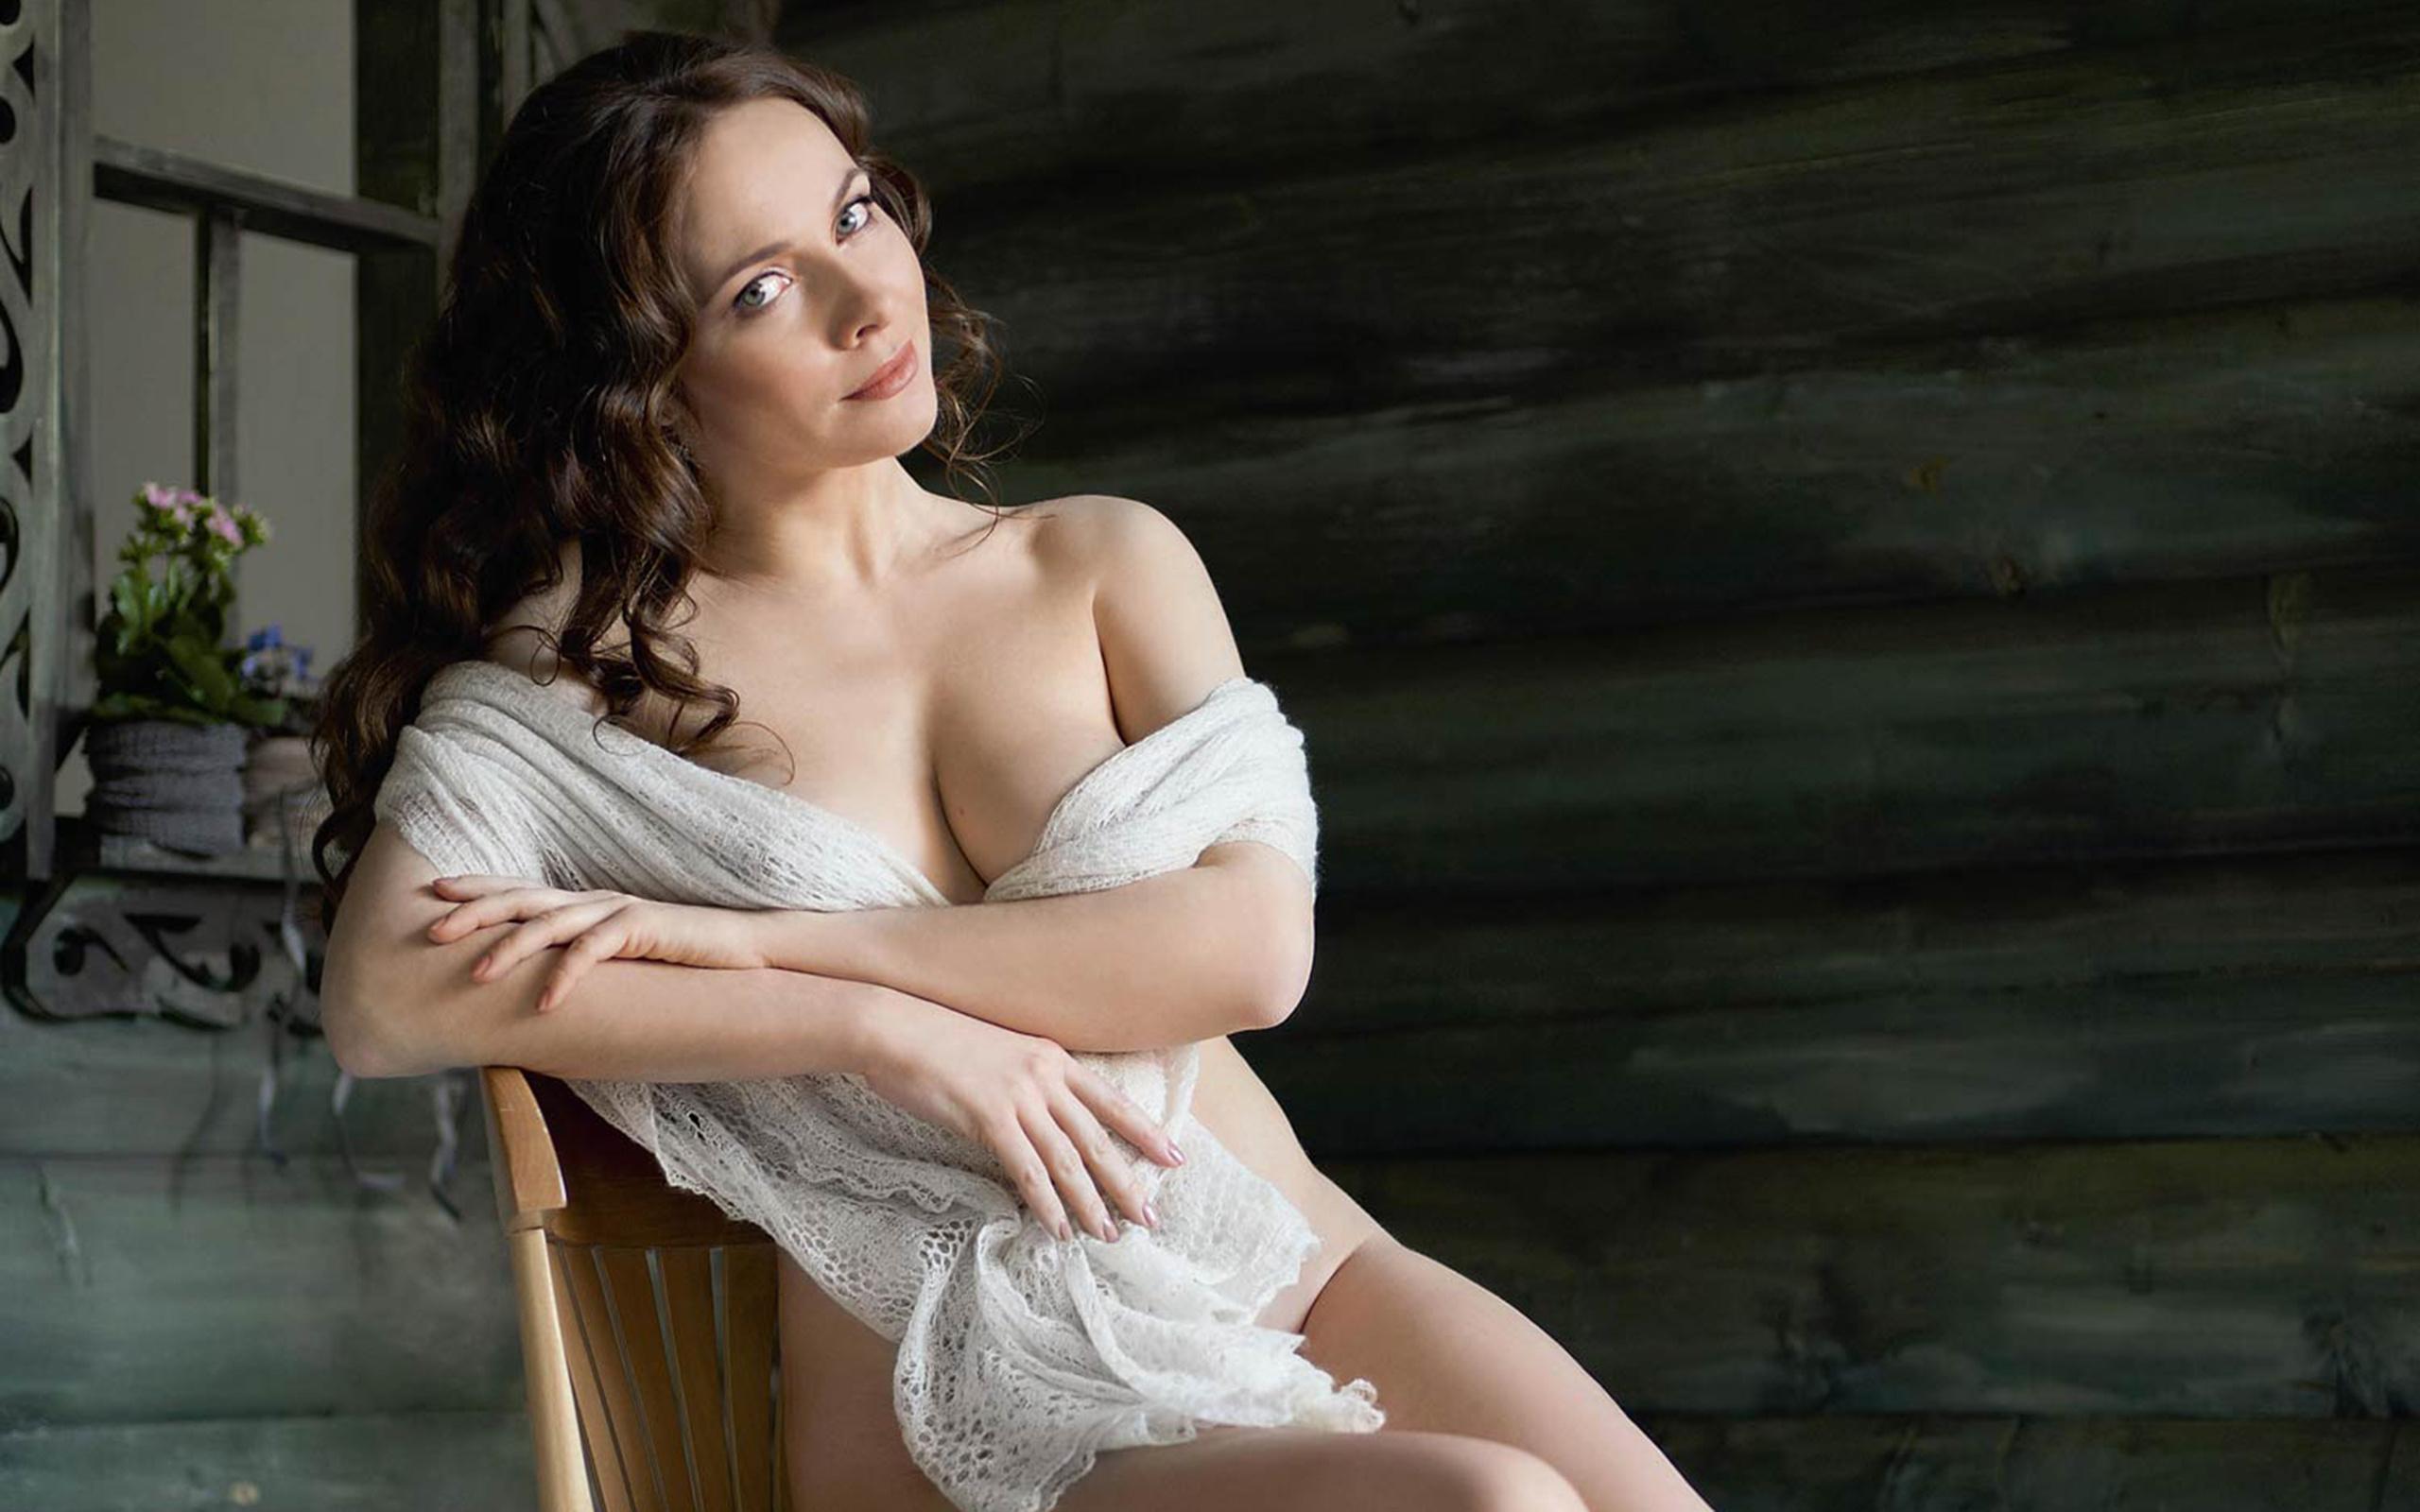 видео российские голые актрисы руках девочки был